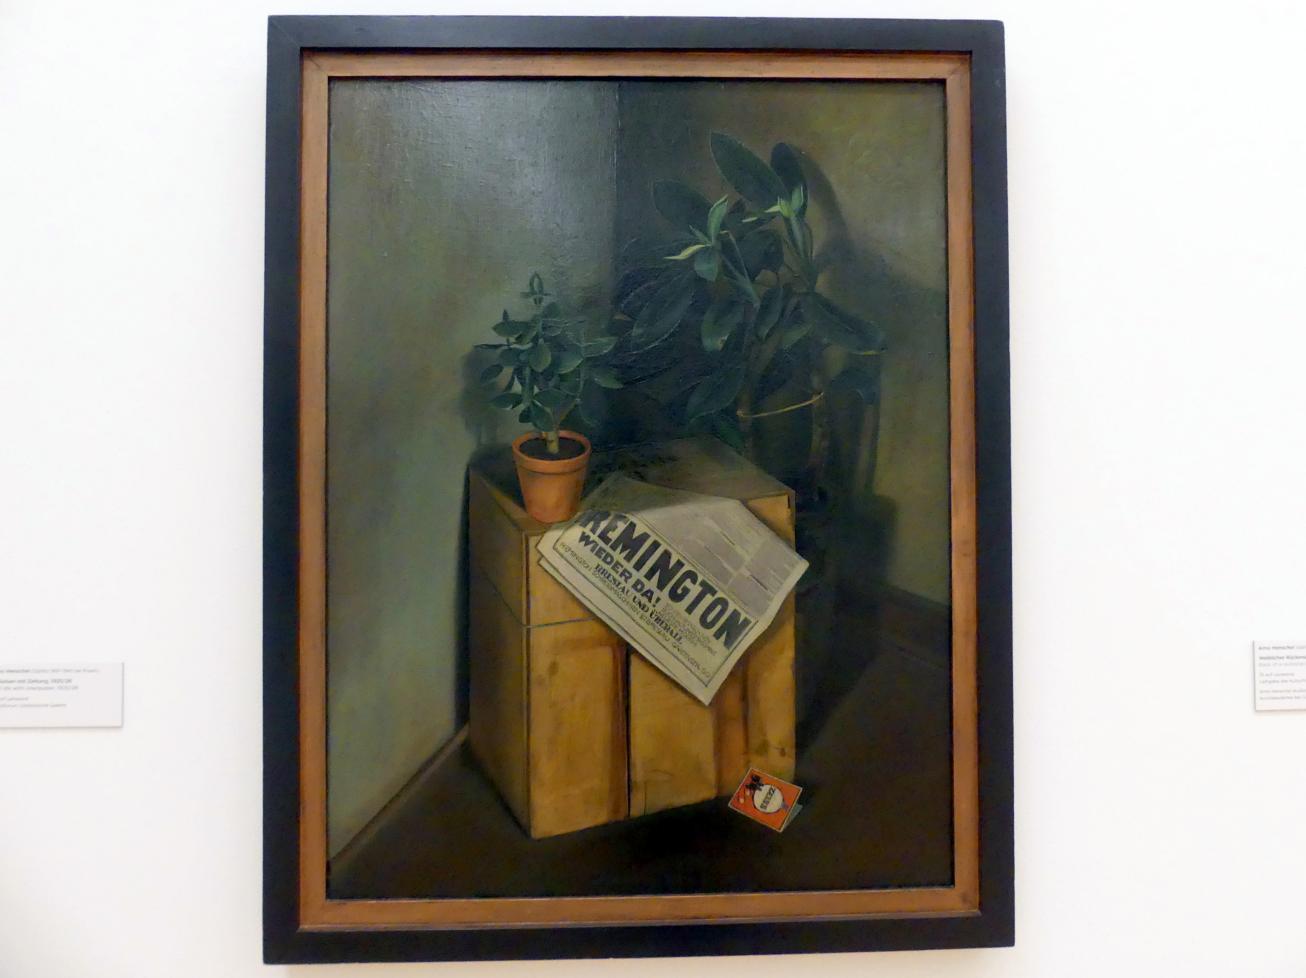 Arno Henschel: Stillleben mit Zeitung, 1925 - 1926, Bild 1/2